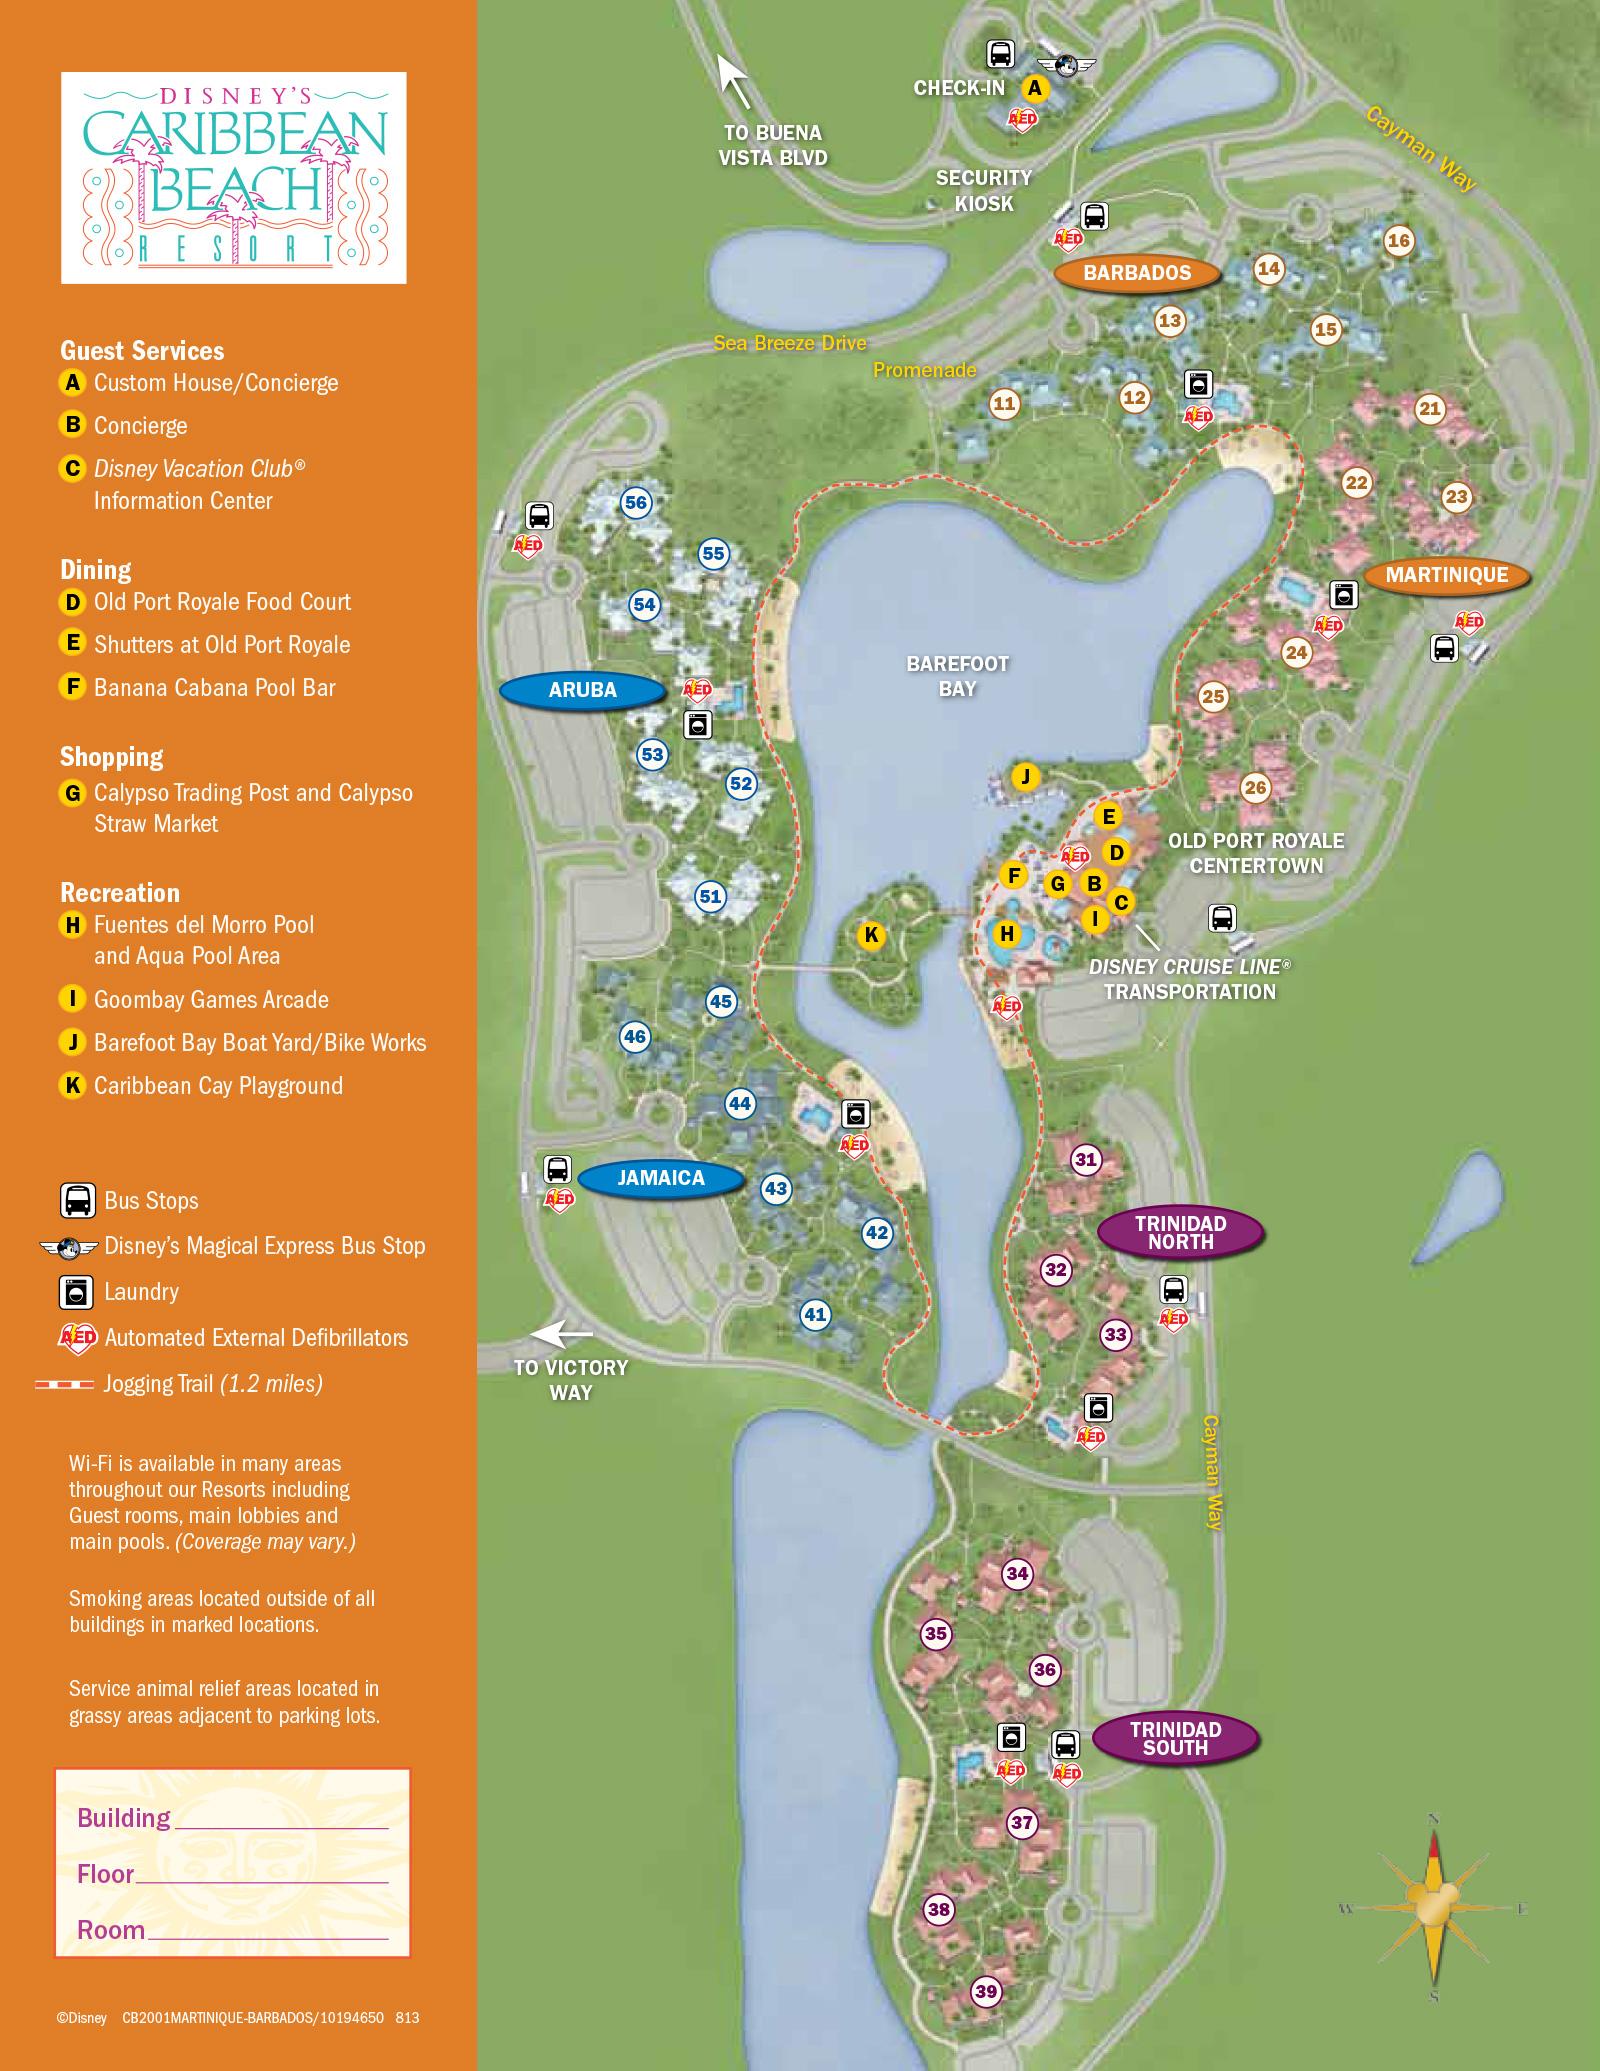 2013 Caribbean Beach Resort Guide Map